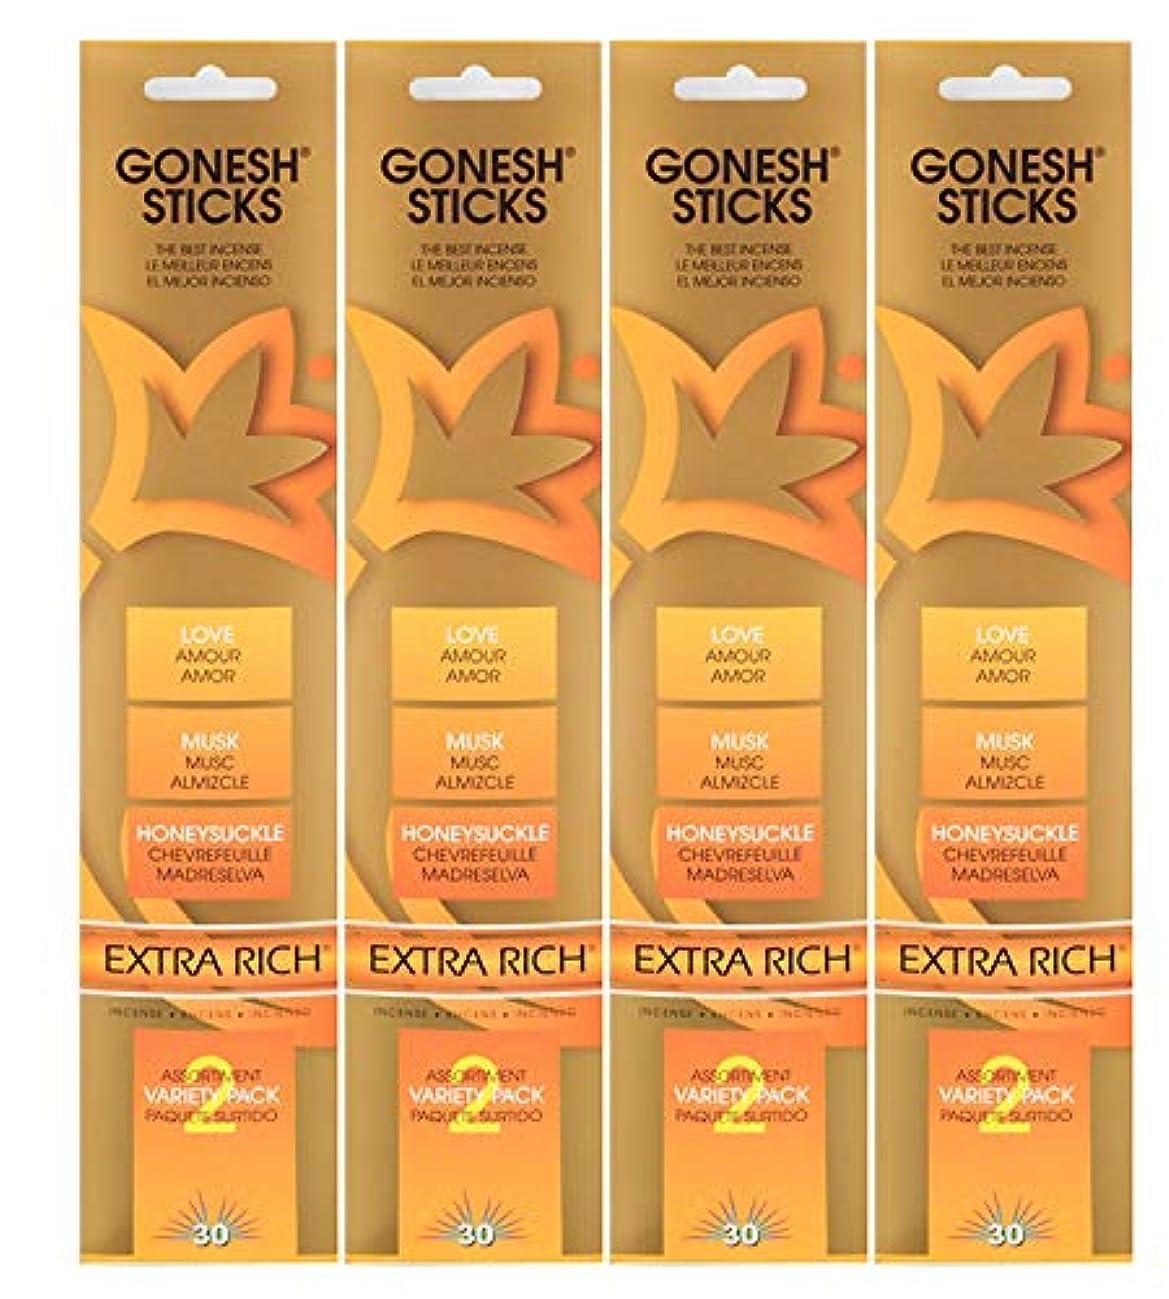 信念チューブ軍団Gonesh Incense Sticks – Extra Rich Variety Pack # 2 (愛、ムスク、スイカズラ) Lot of 4